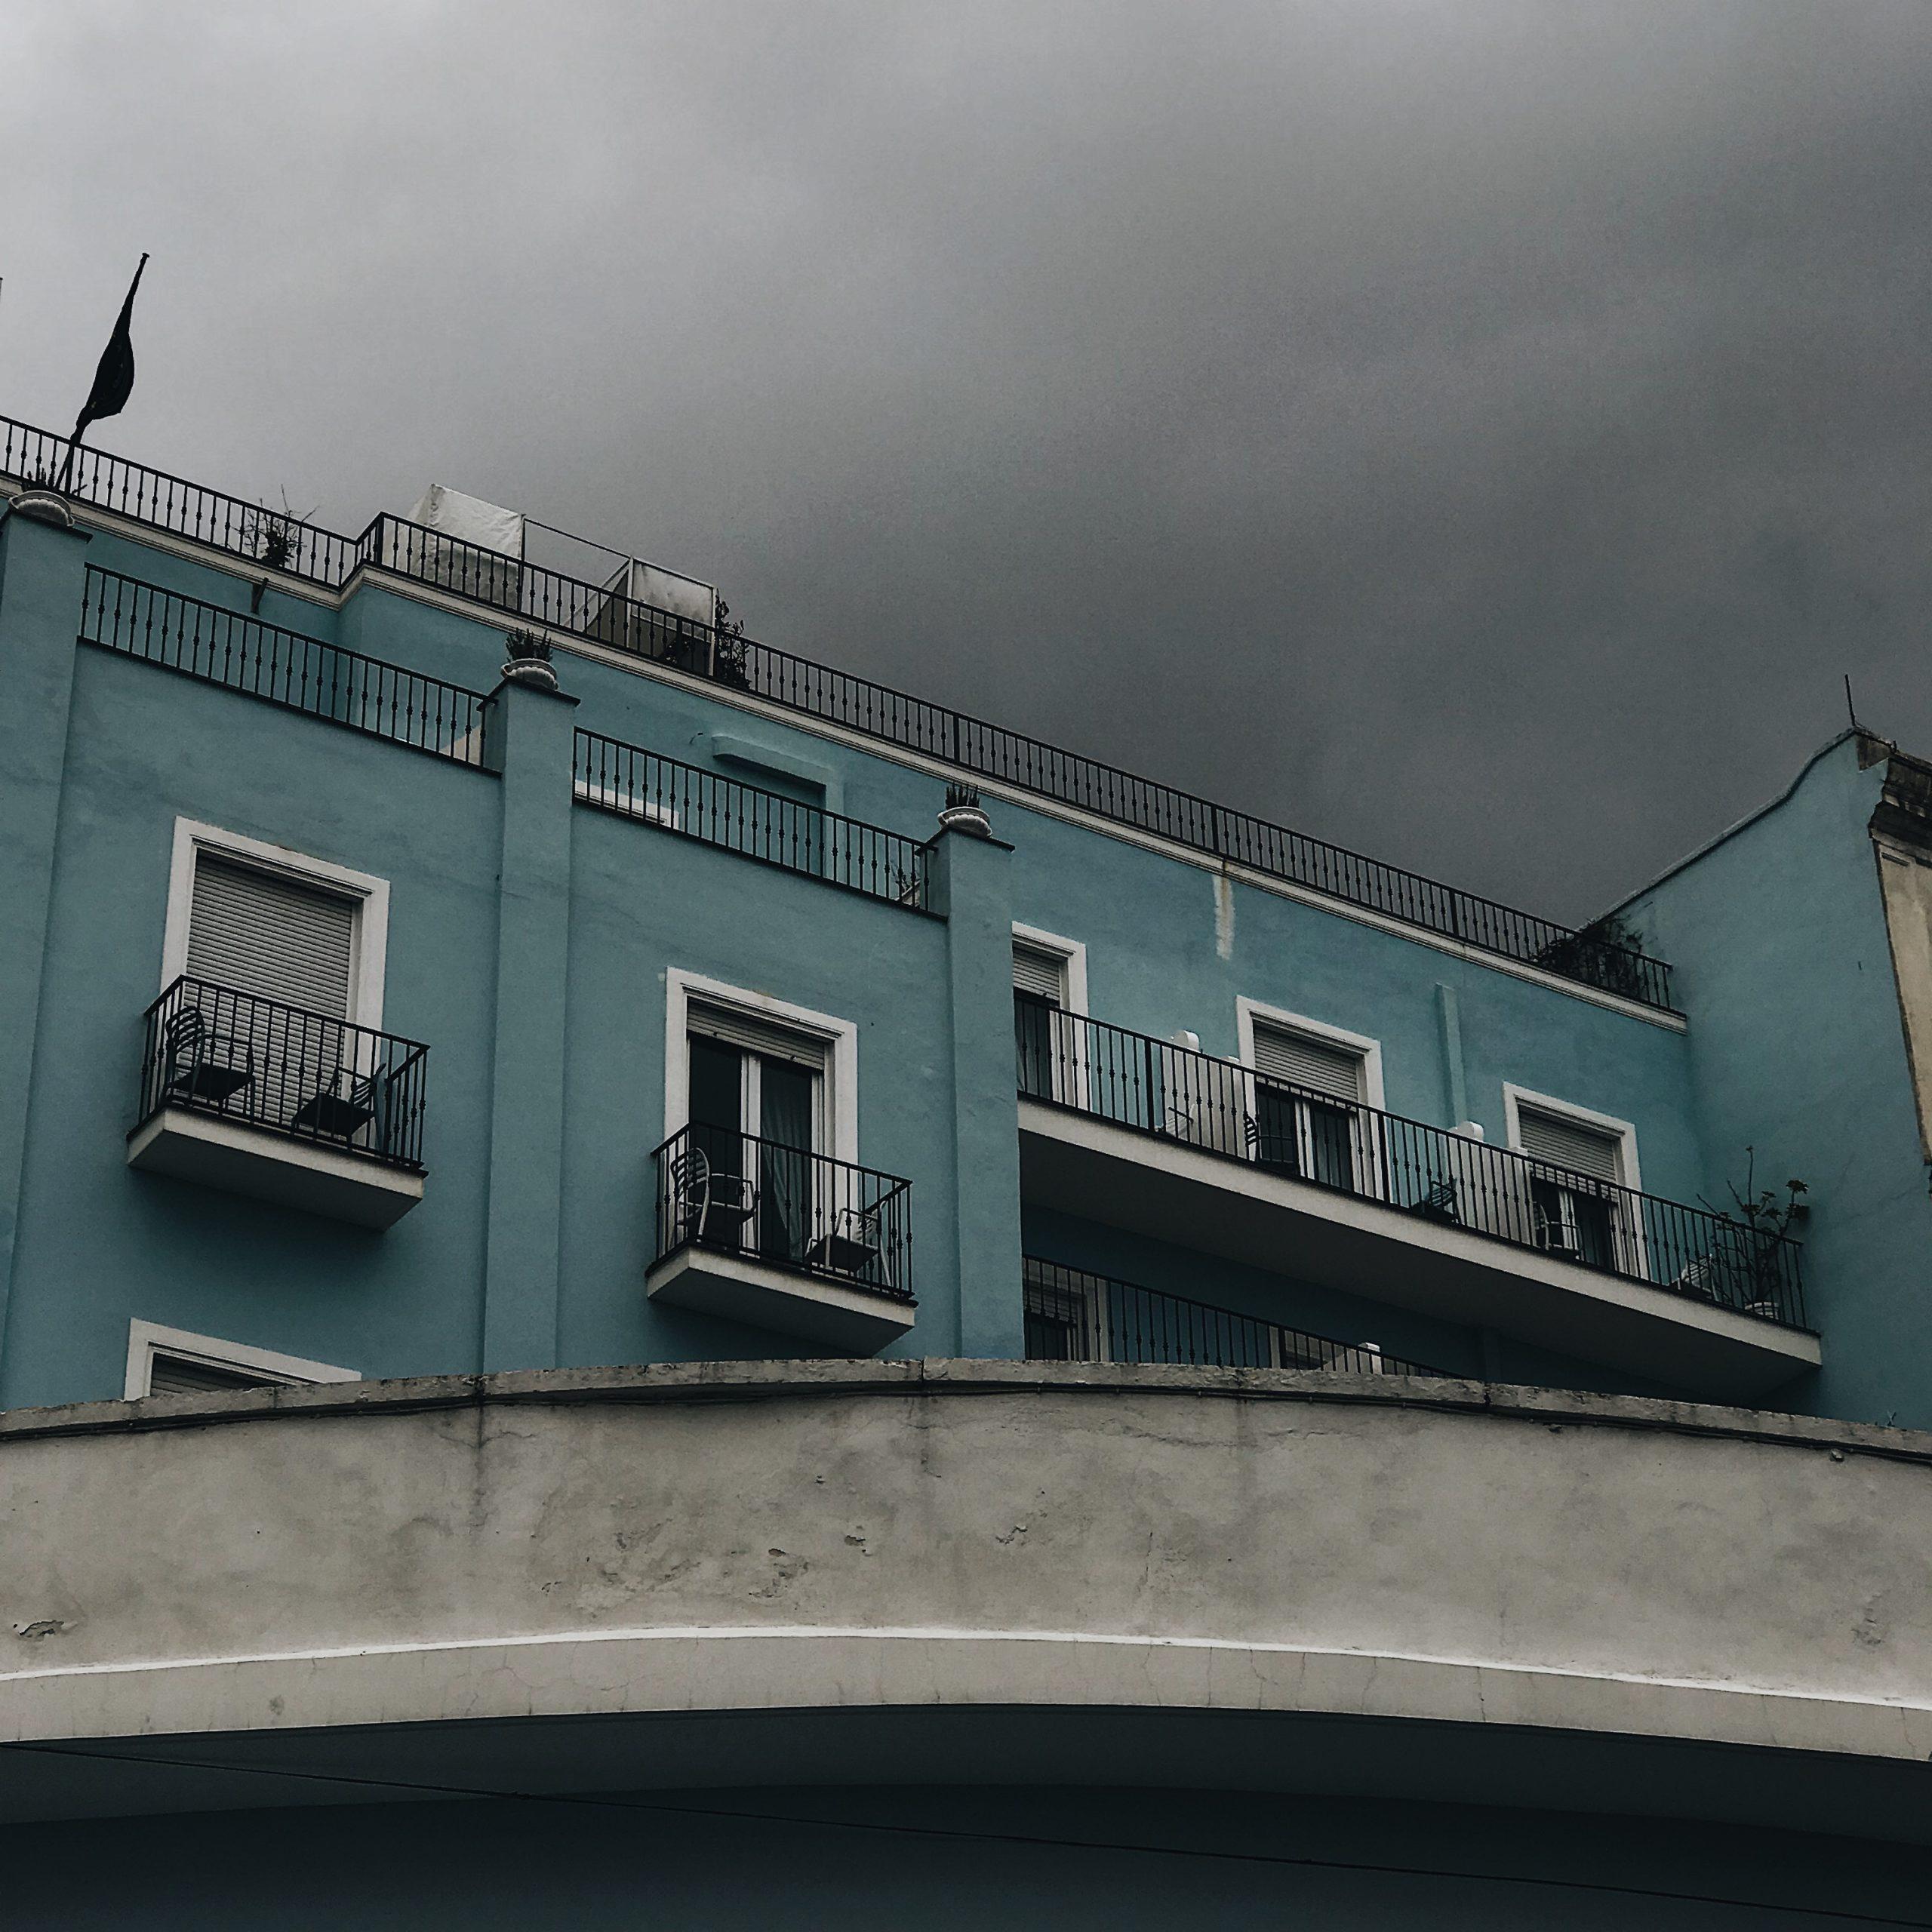 Maison bleue - Capri